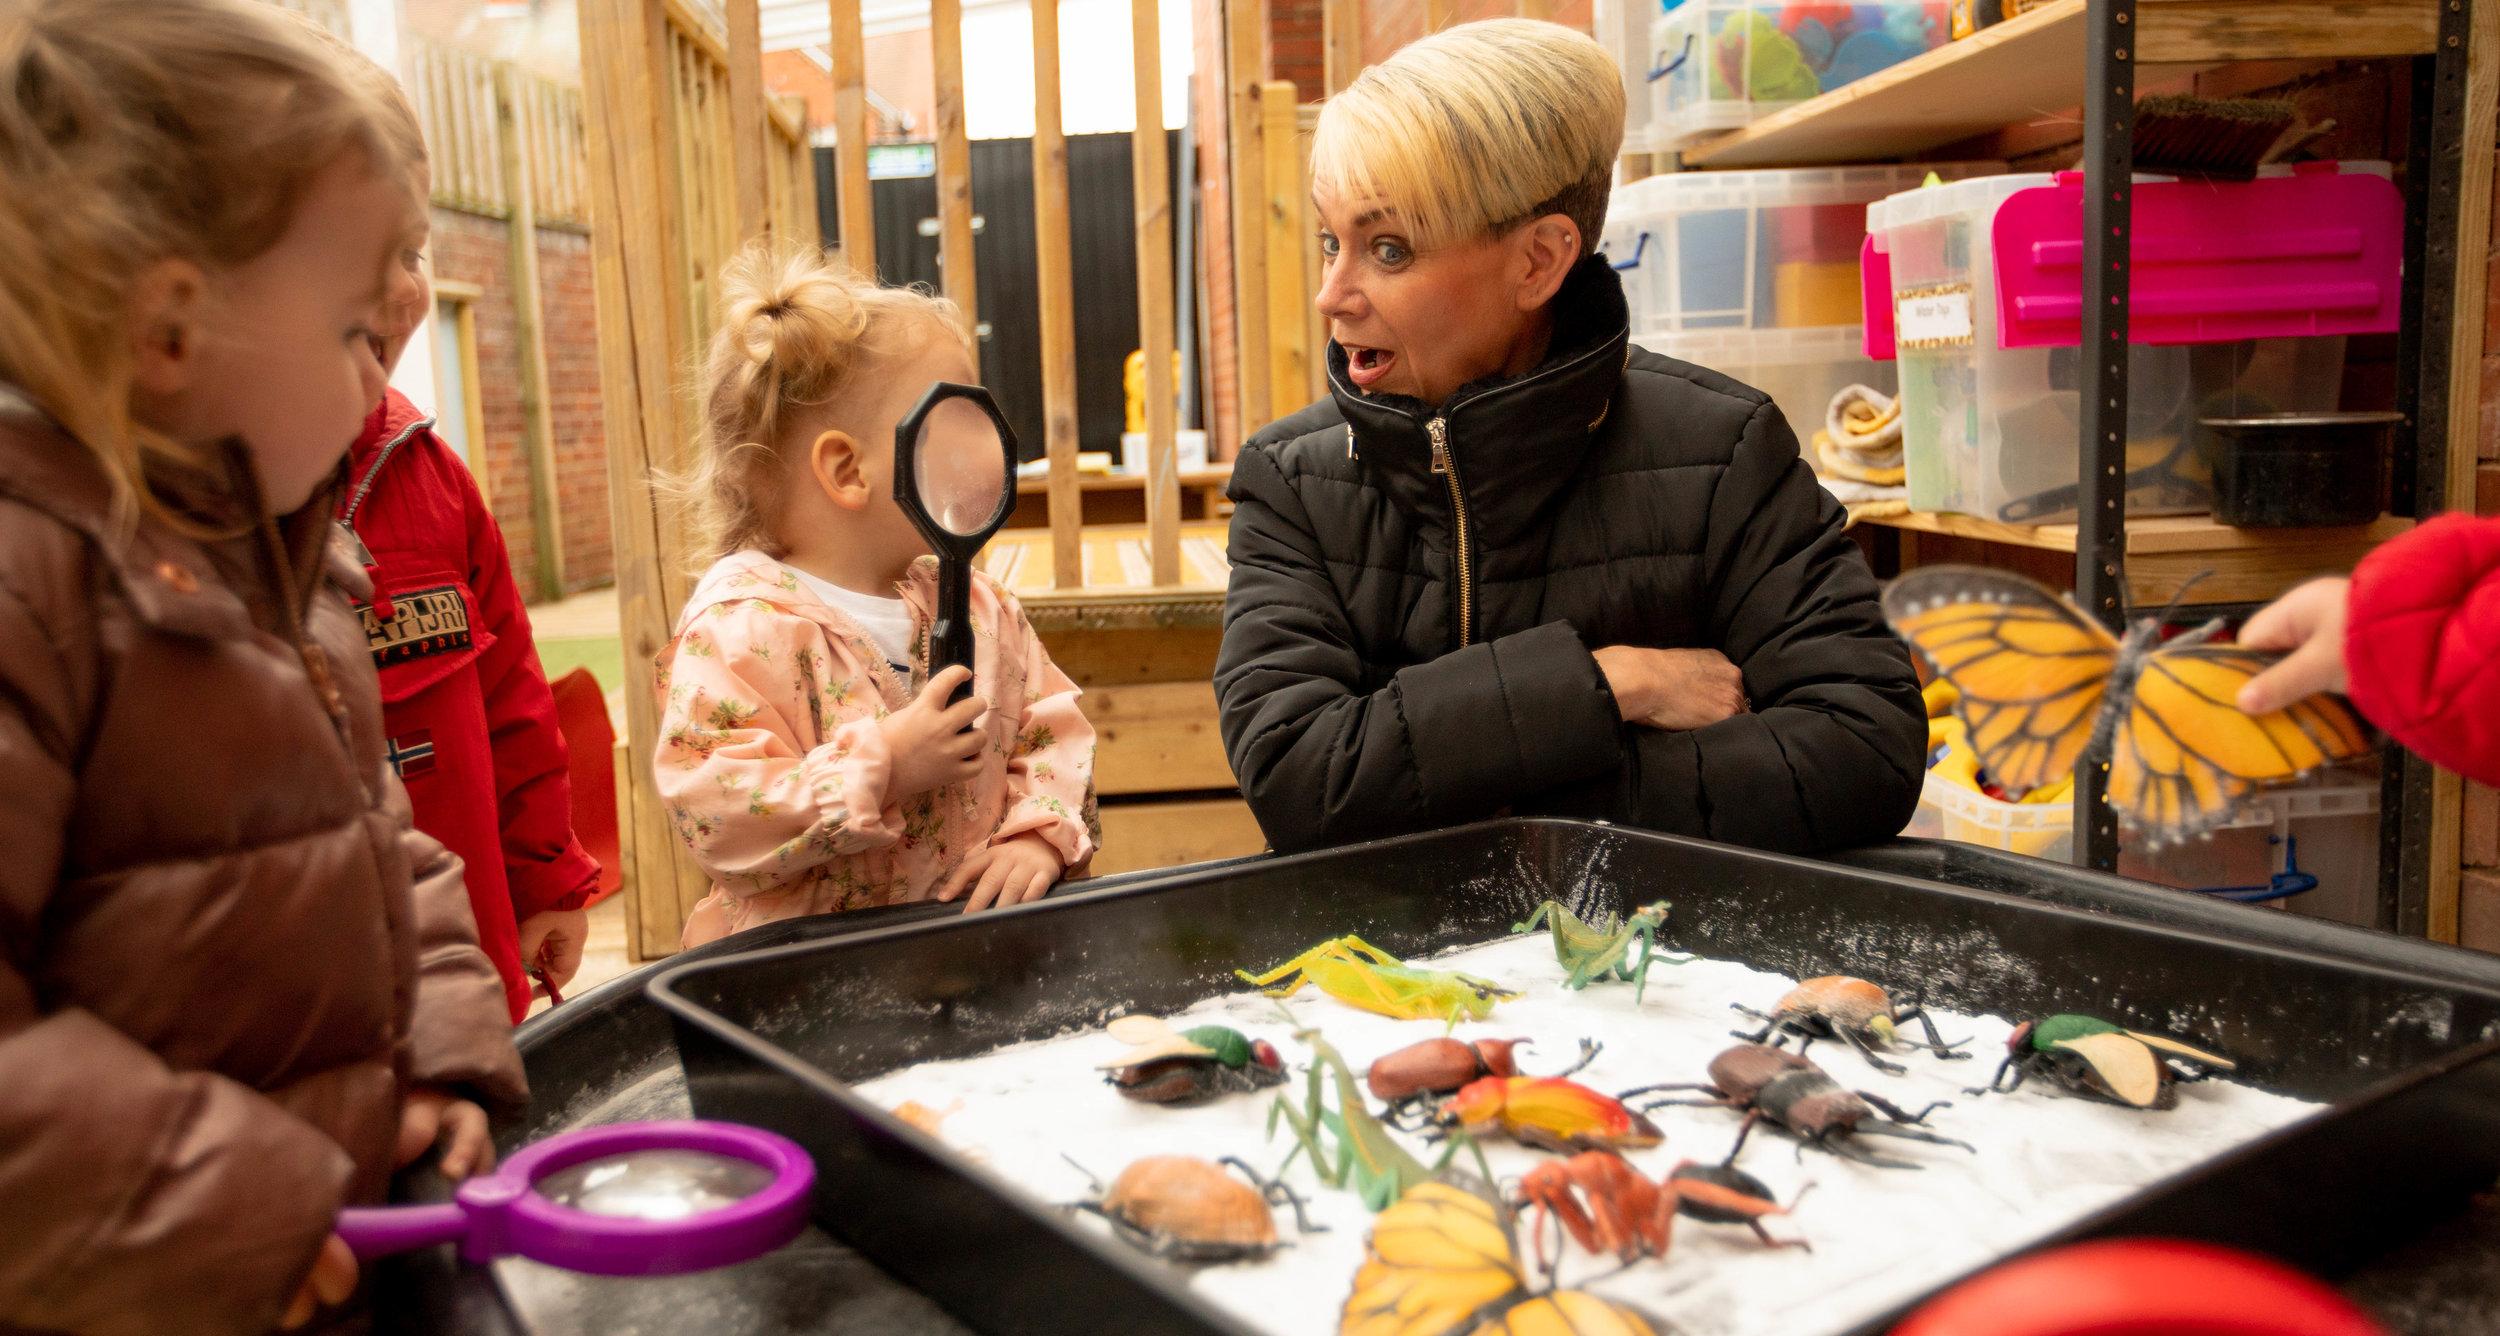 Toddler Outdoors JB (1 of 1).jpg